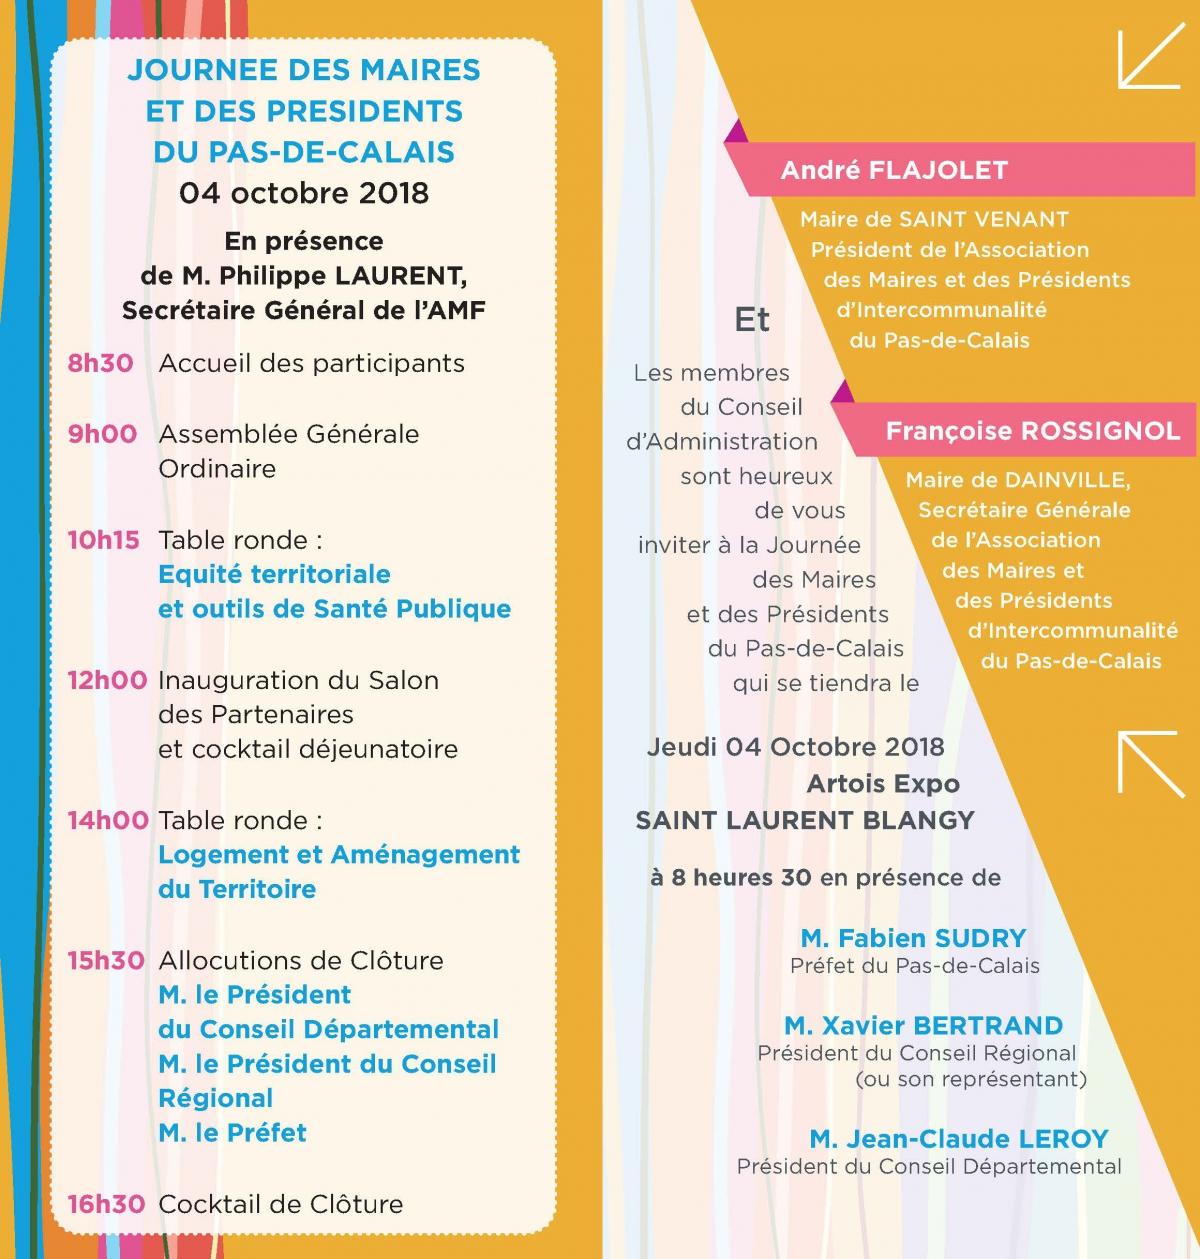 Programme journée des Maires et des Présidents du Pas-de-Calais